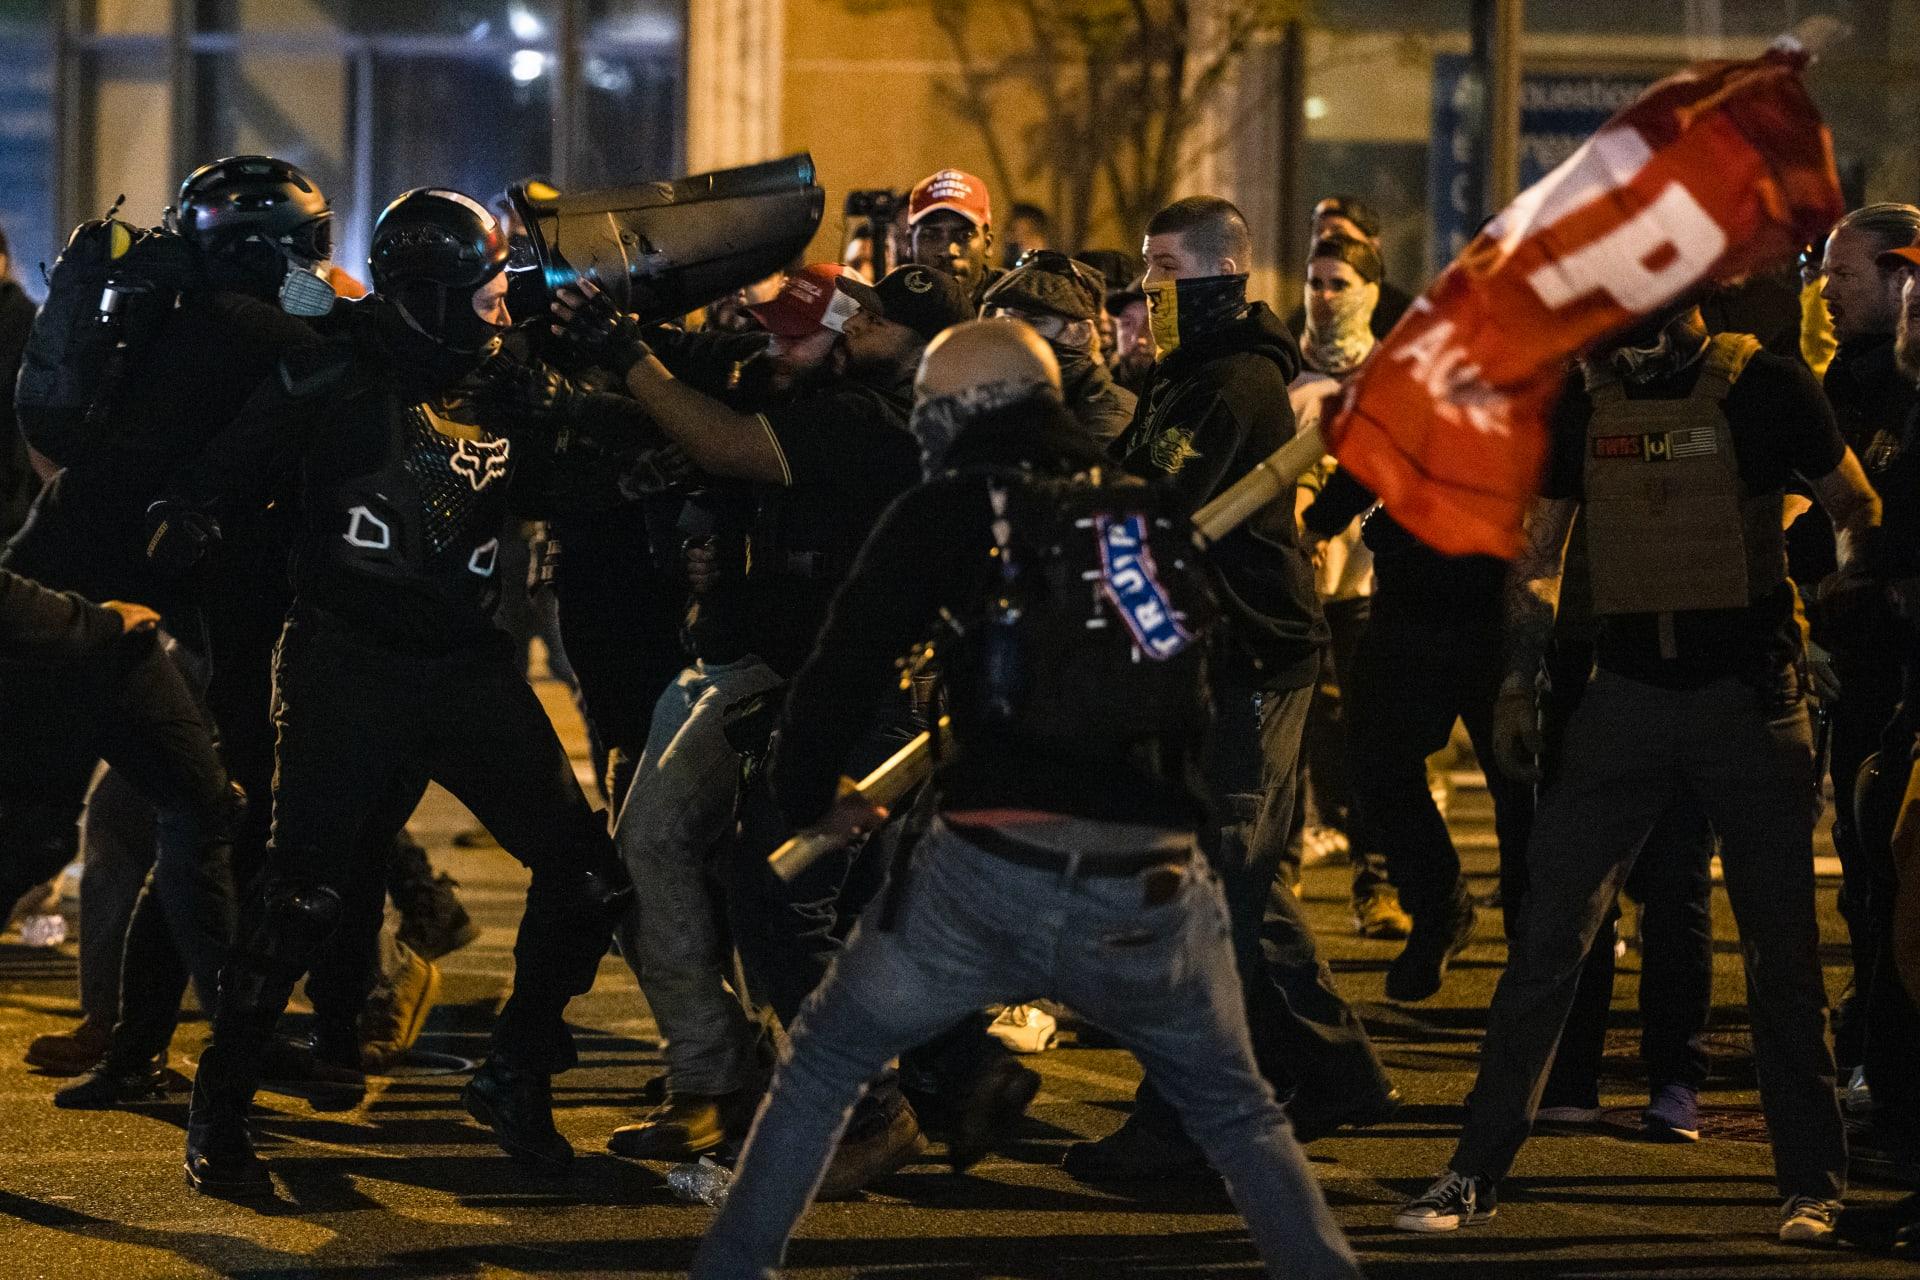 مظاهرة أنصار ترامب: اعتقال 20.. طعن شخص عدة مرات.. وإصابة شرطيين